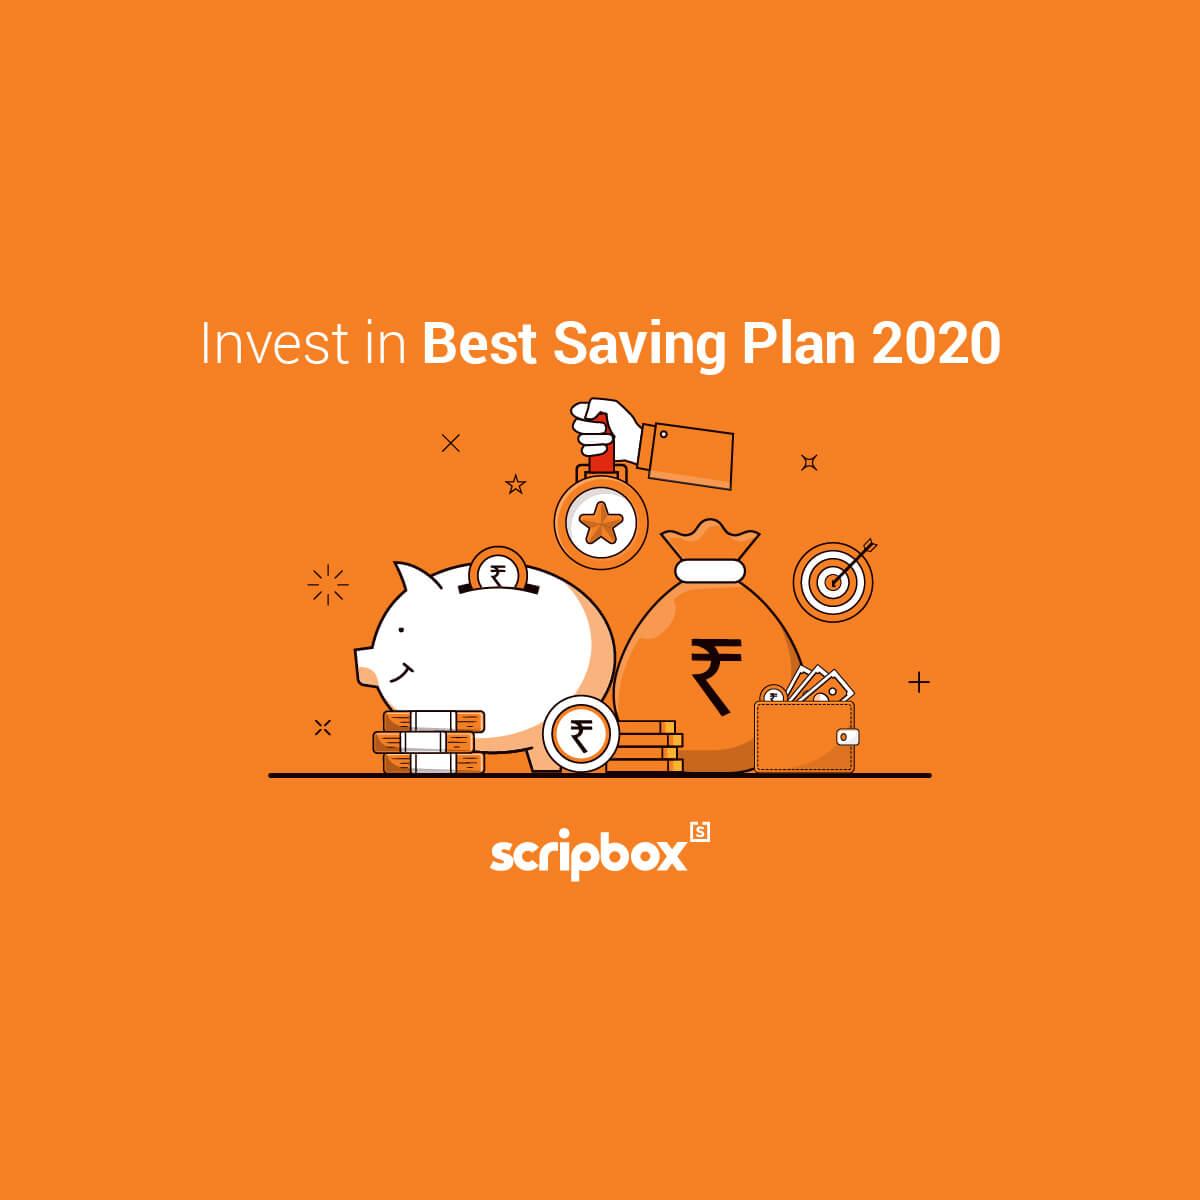 best saving plan